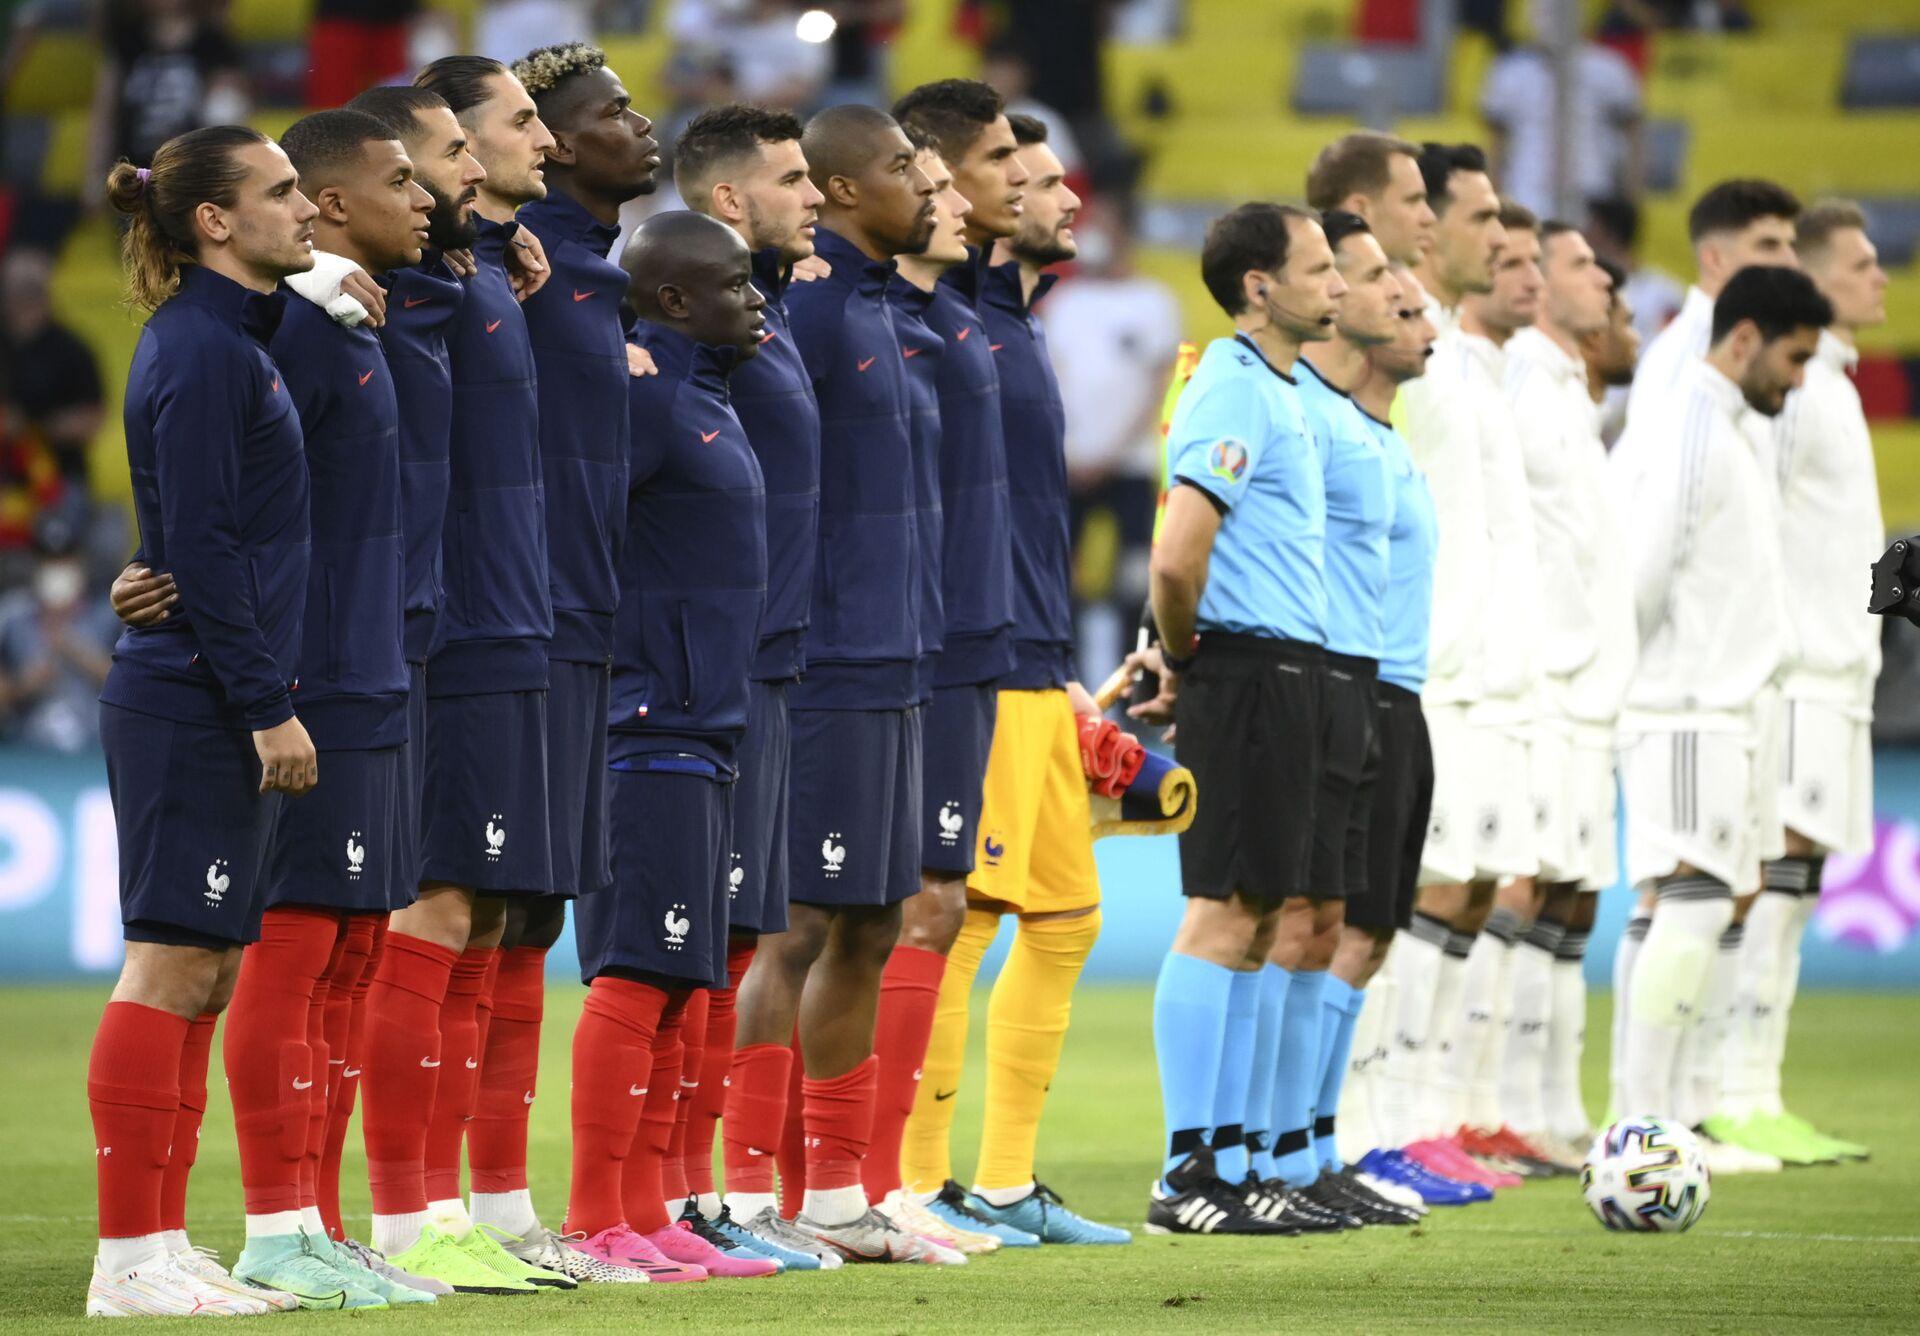 Đội tuyển Pháp thắng đội tuyển Đức trong vòng bảng EURO 2020 với tỷ số 1:0 - Sputnik Việt Nam, 1920, 16.06.2021